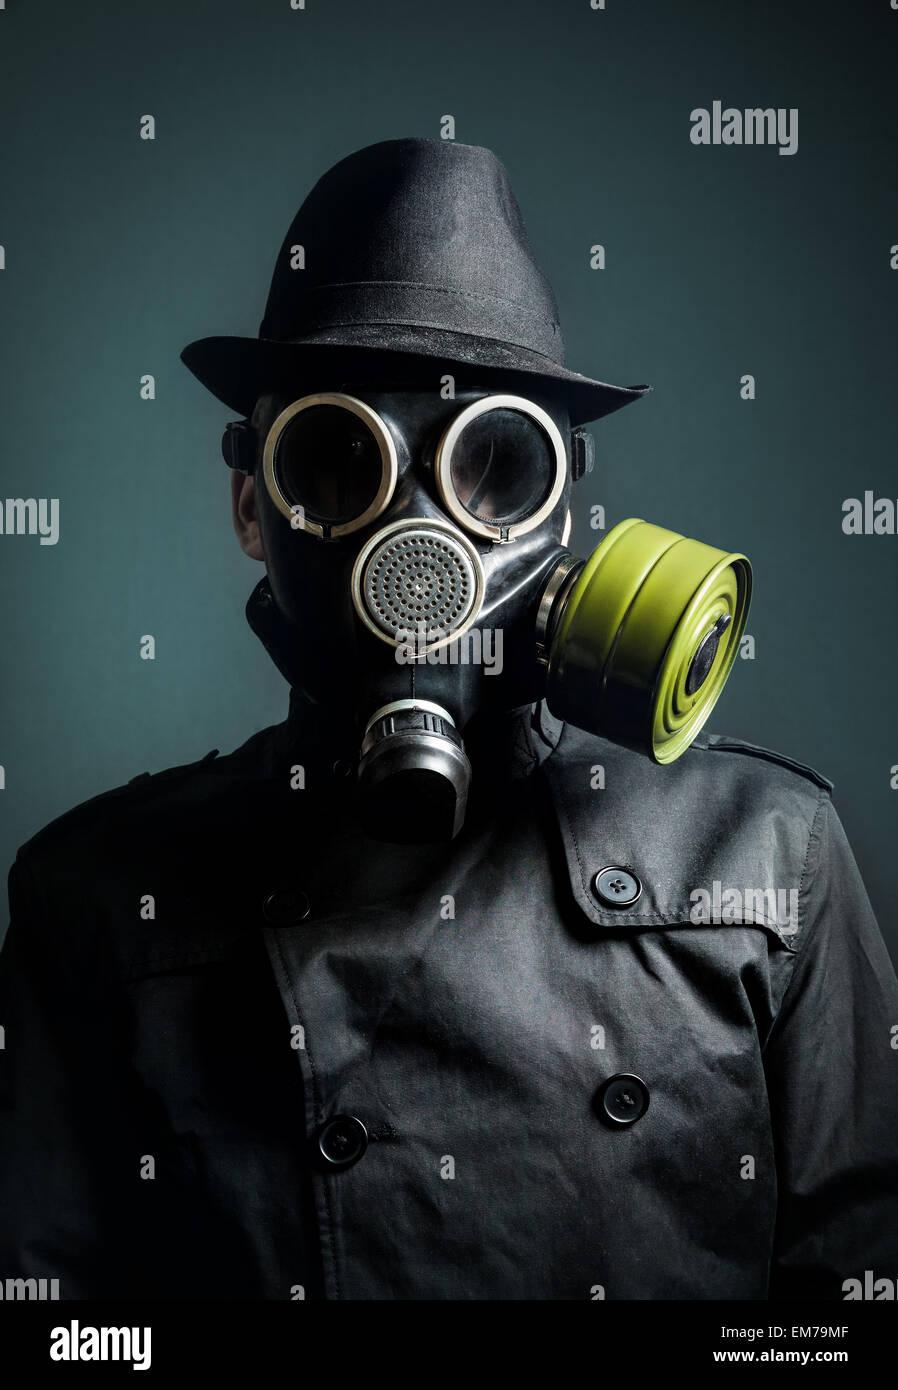 Mann in der Gasmaske, Regenmantel und schwarzen Hut auf dunklem Hintergrund Stockbild